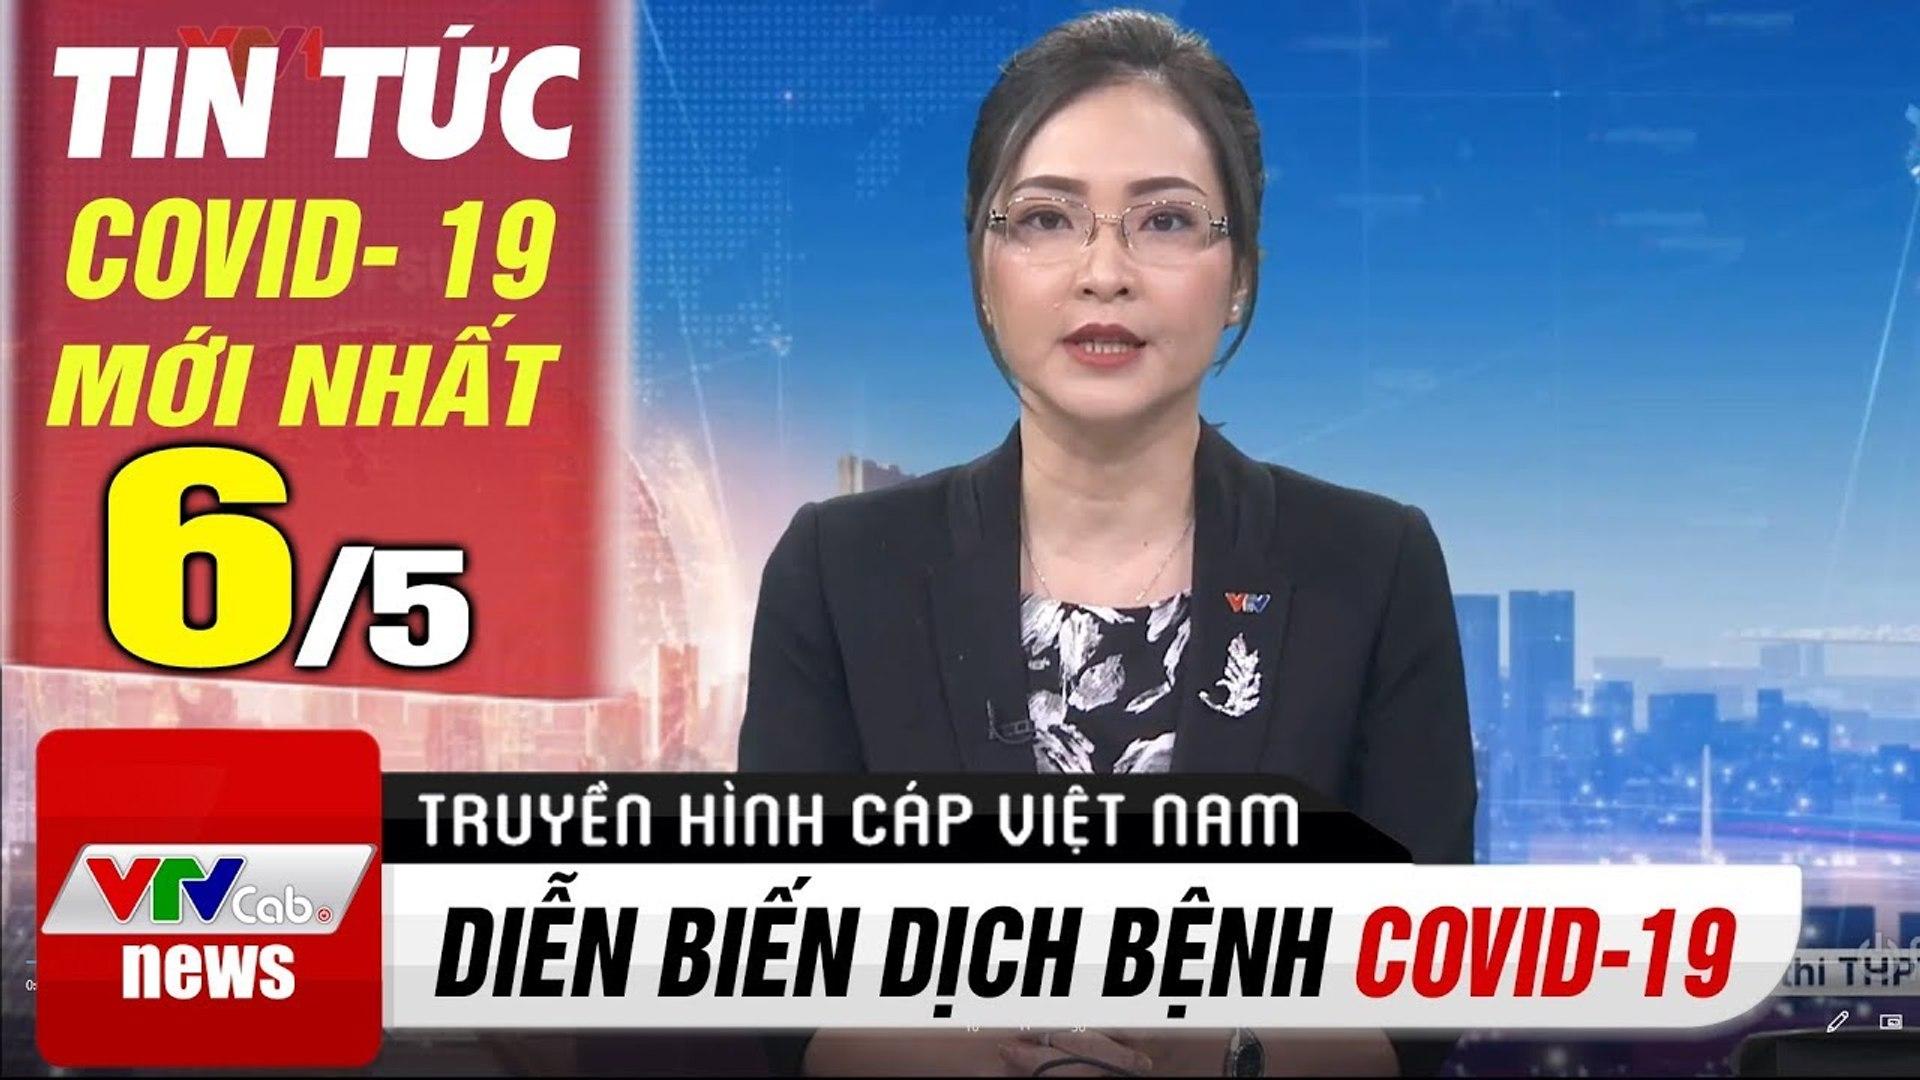 Tin tức corona sáng 6/5 - Tin Covid 19 Hôm Nay VTV1  VTV Cab